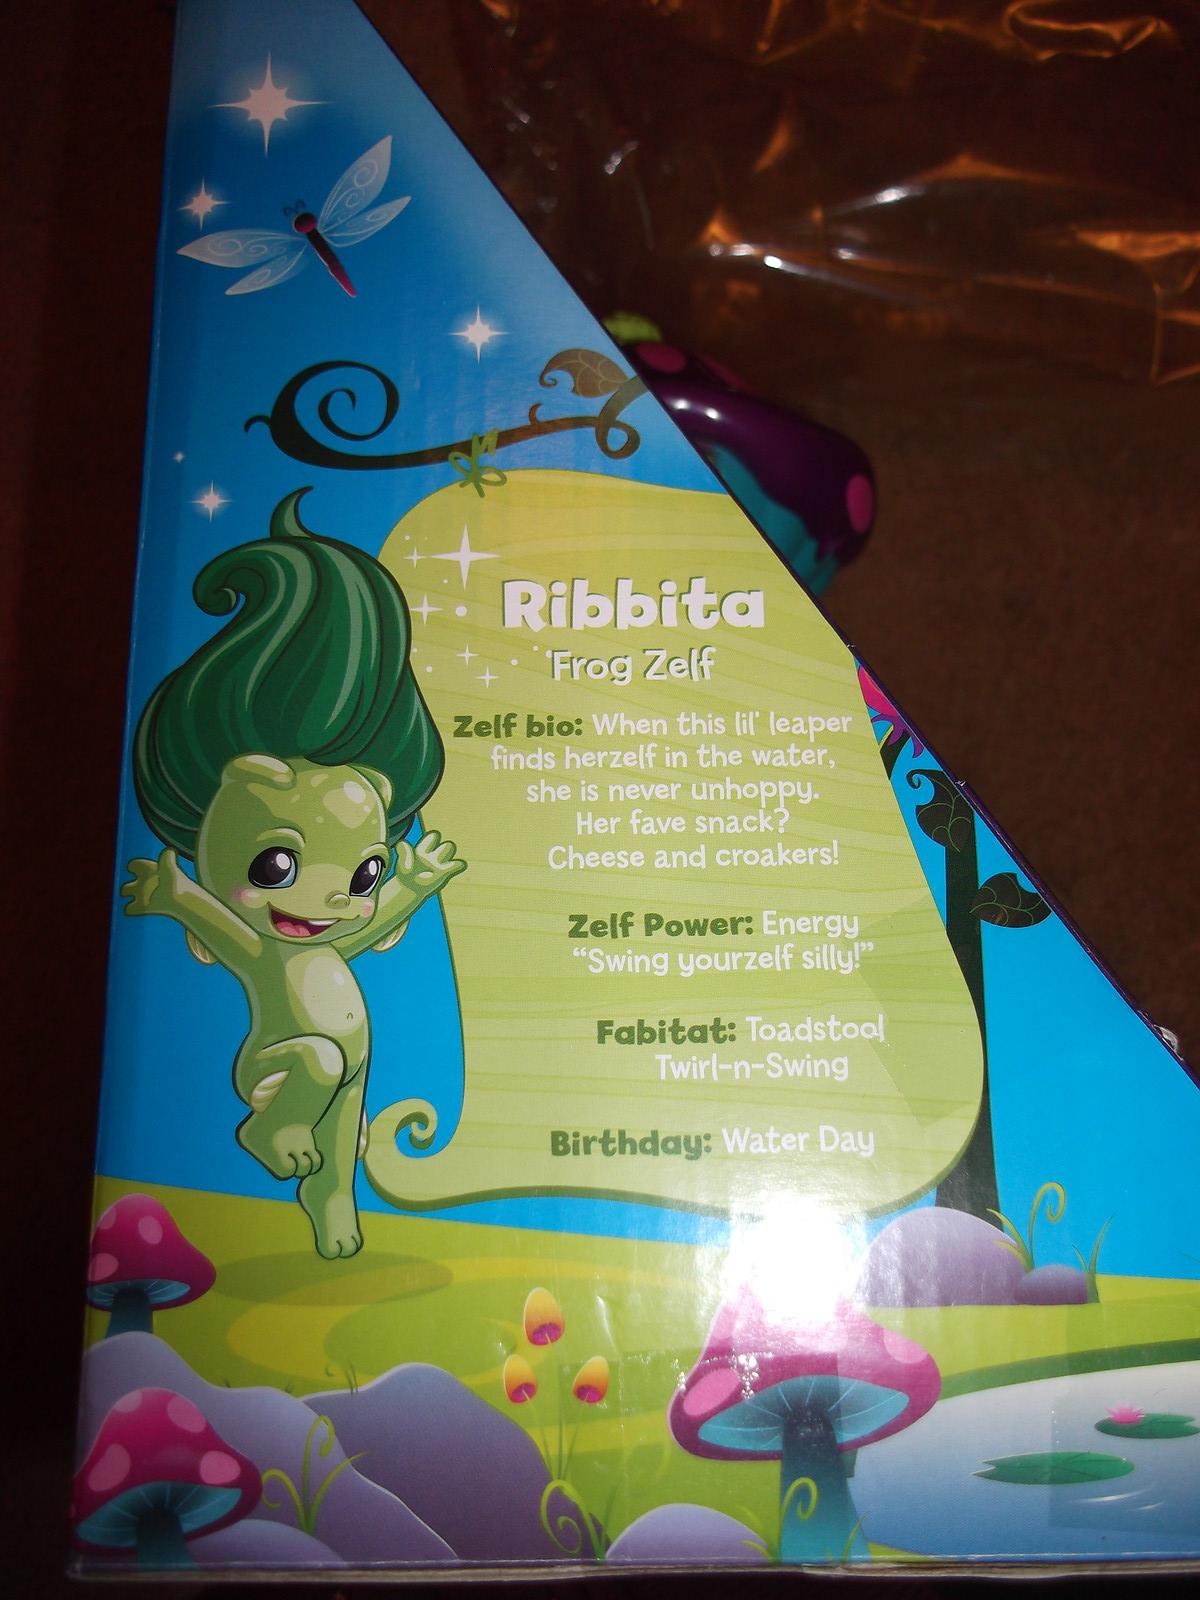 Ribbita's bio